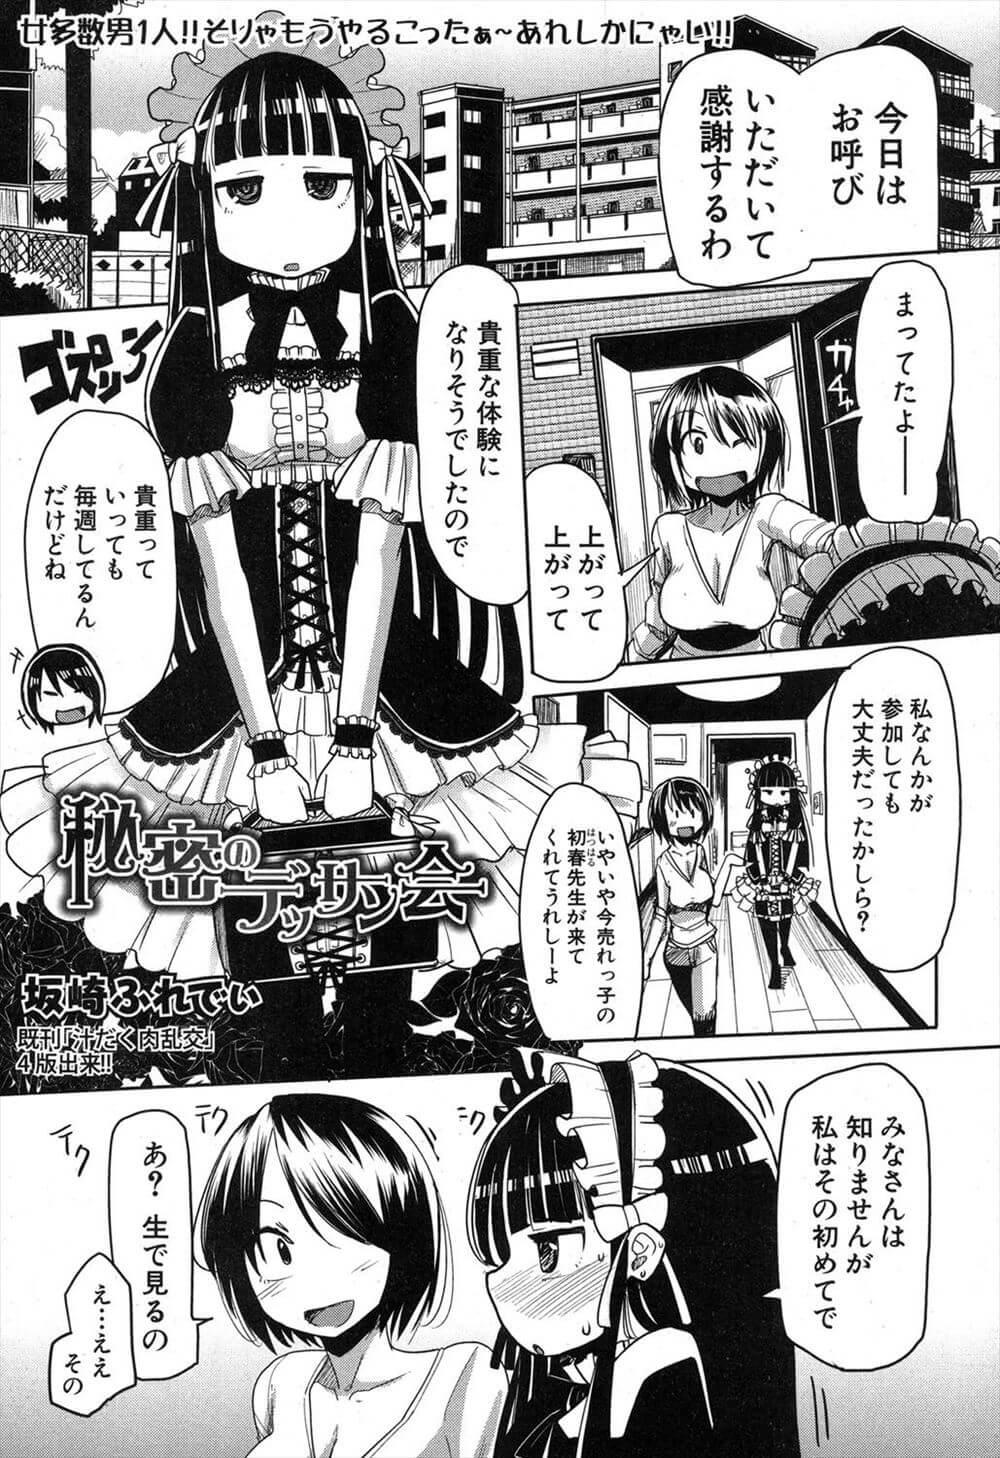 【エロ漫画】JKの瞳子と優はブルマを賭けて戦うと優が瞳子のパンツをずらして丸見えになるが…【無料 エロ同人】